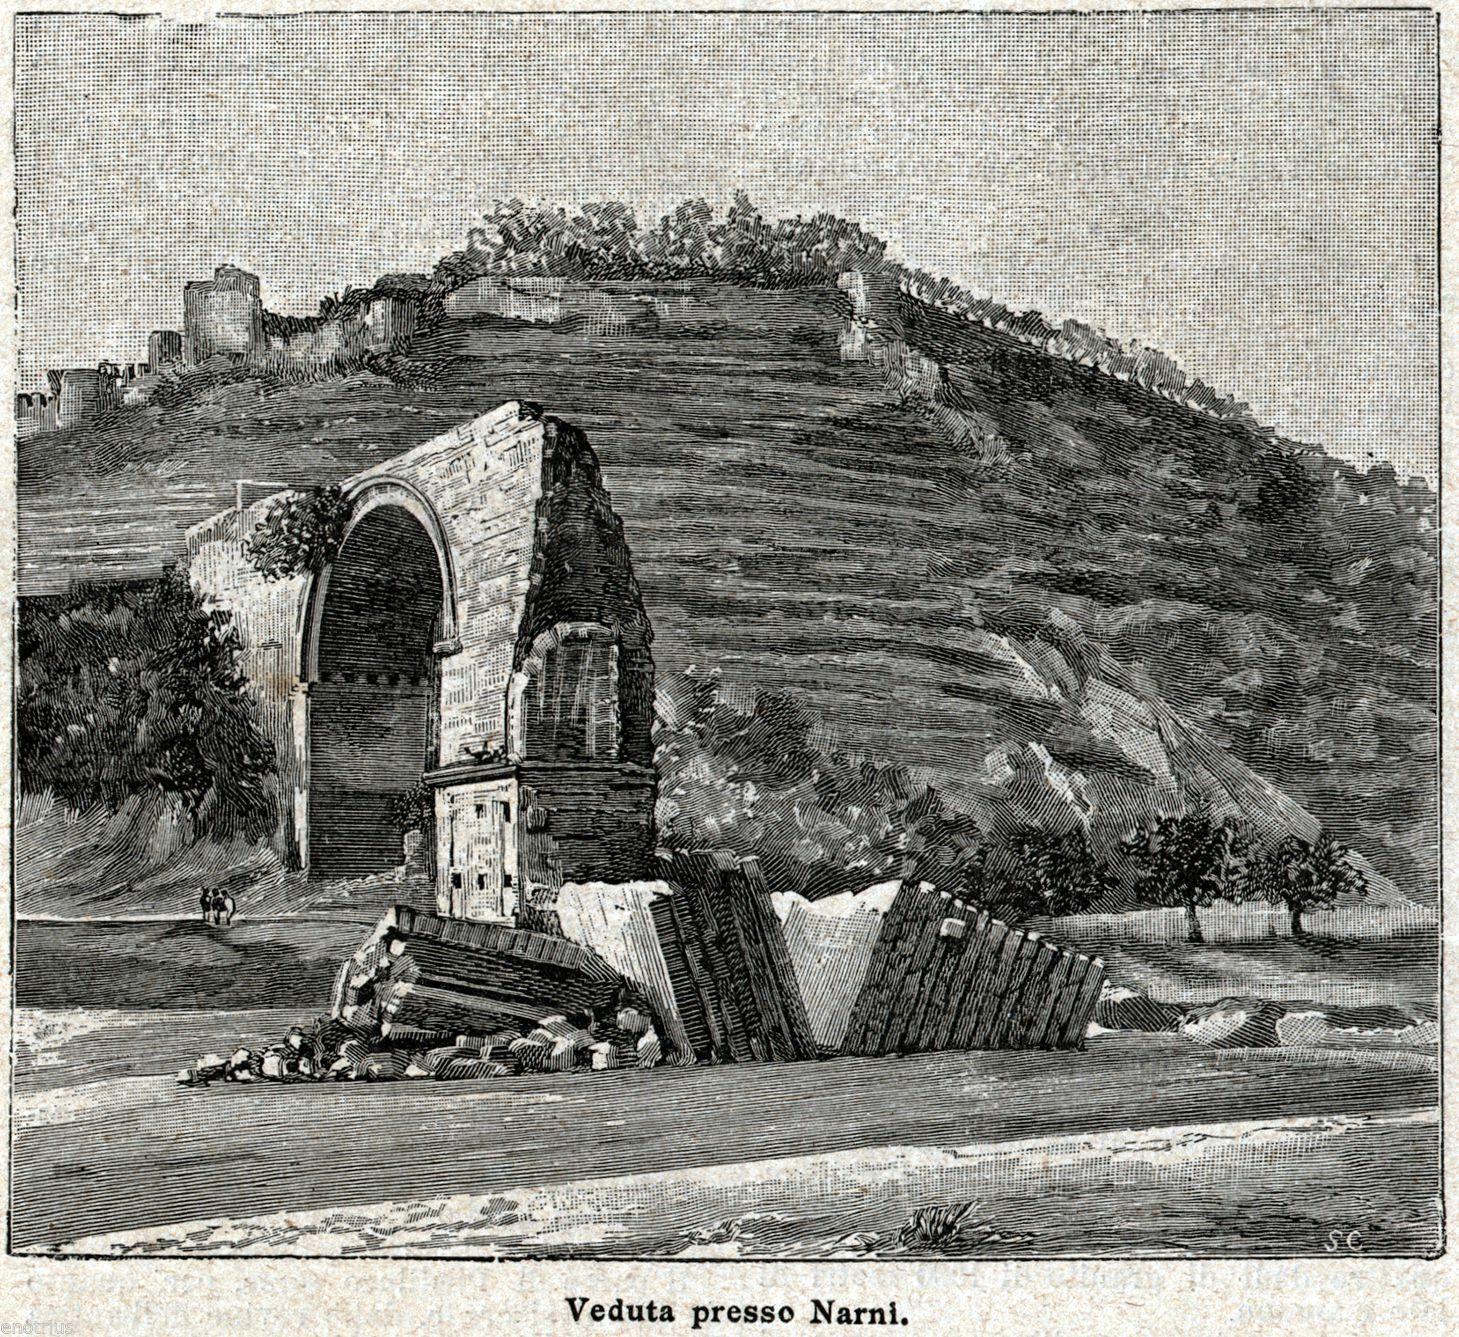 1895 Enciclopedia Illustrata edition Sonzogno narni